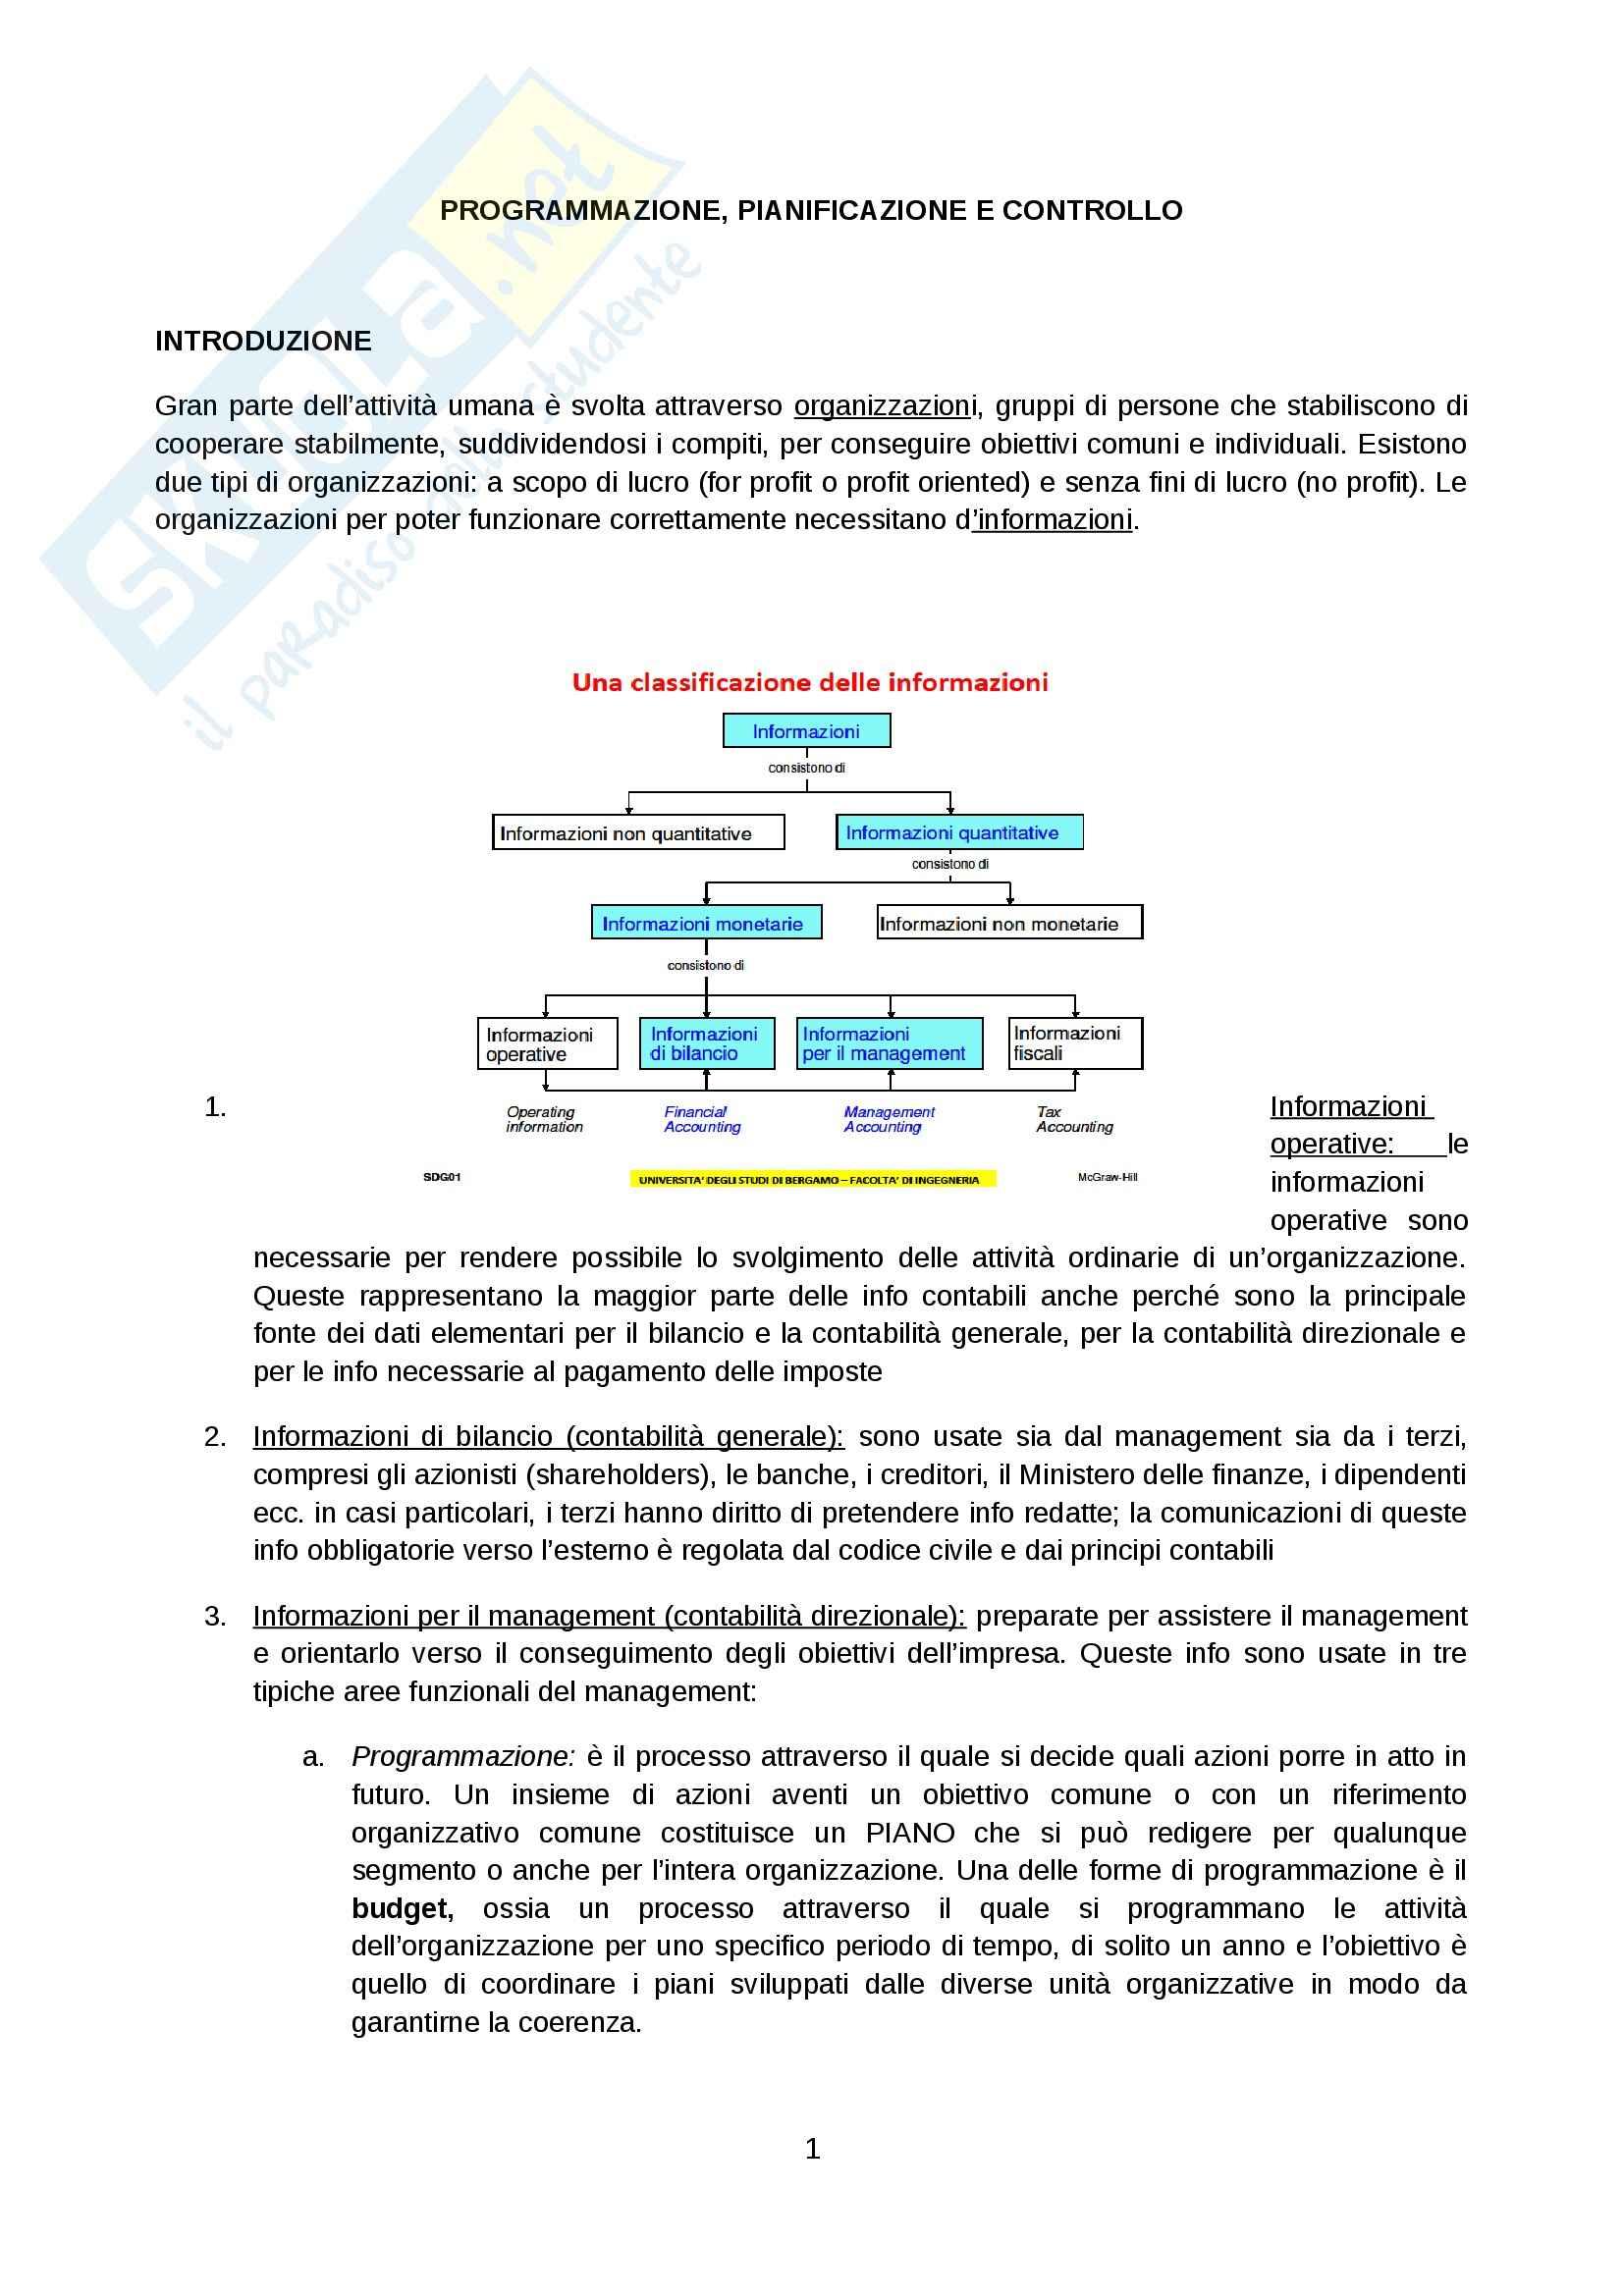 appunto S. Spallini Programmazione, pianificazione e controllo